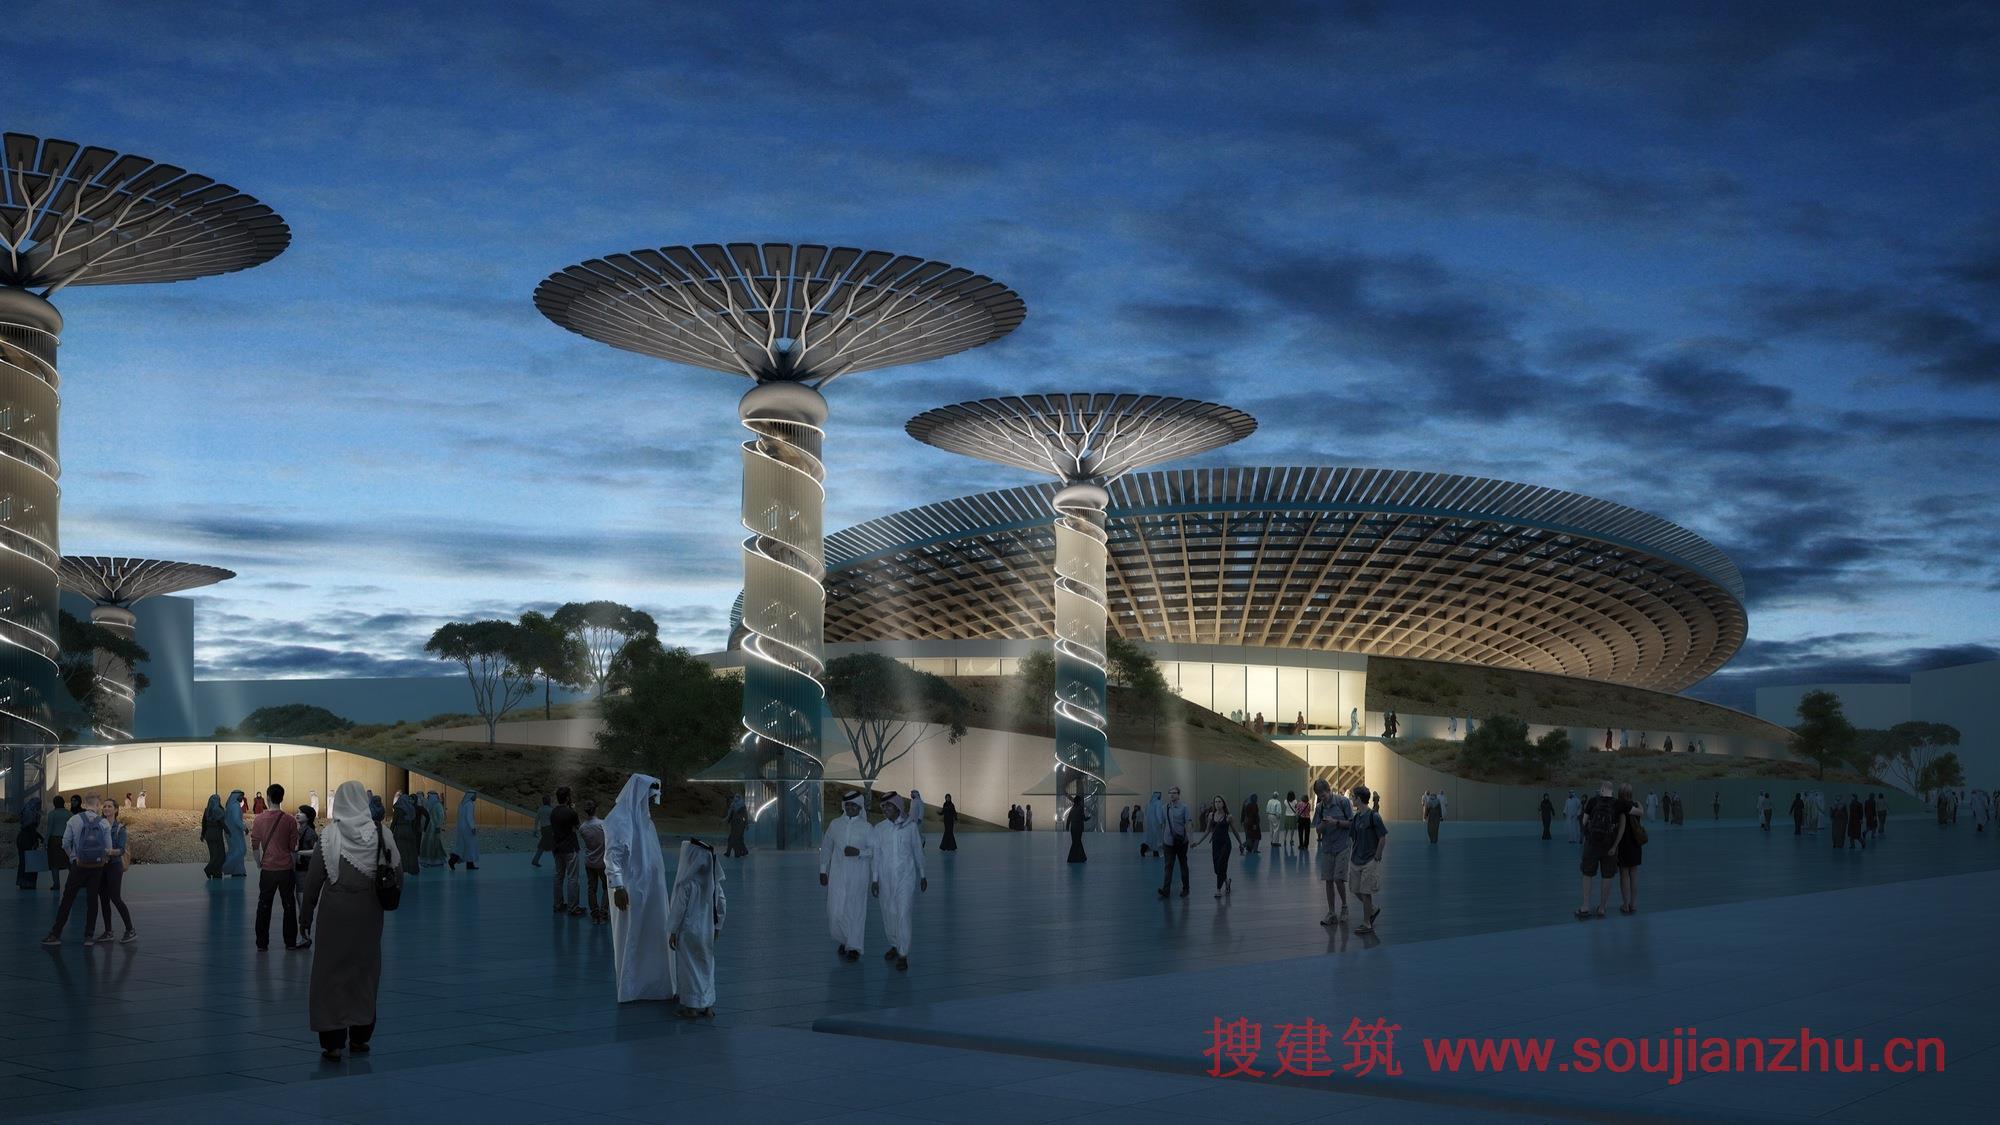 建筑师:Grimshaw 地点:迪拜  Grimshaw已公布了2020迪拜世博会可持续性主题馆的视频。其博览会主题是沟通思想,创造未来。  该展馆的设计灵感来自复杂的自然过程,如光合作用,创建一个能够捕获能量的动态结构,一系列的蝶形结构和创新系统将有助于吸引游客,同时展示建筑自给自足的能力。  该展馆还将强调在UAE沙漠环境中发现的植物和动物生活的经常被忽视的世界,说明大自然是能够反应其设置。  考虑使用寿命作为可持续性的一个方面,展馆的设计都是为了容纳2020世博会的观众,并继续在其功能之外的世